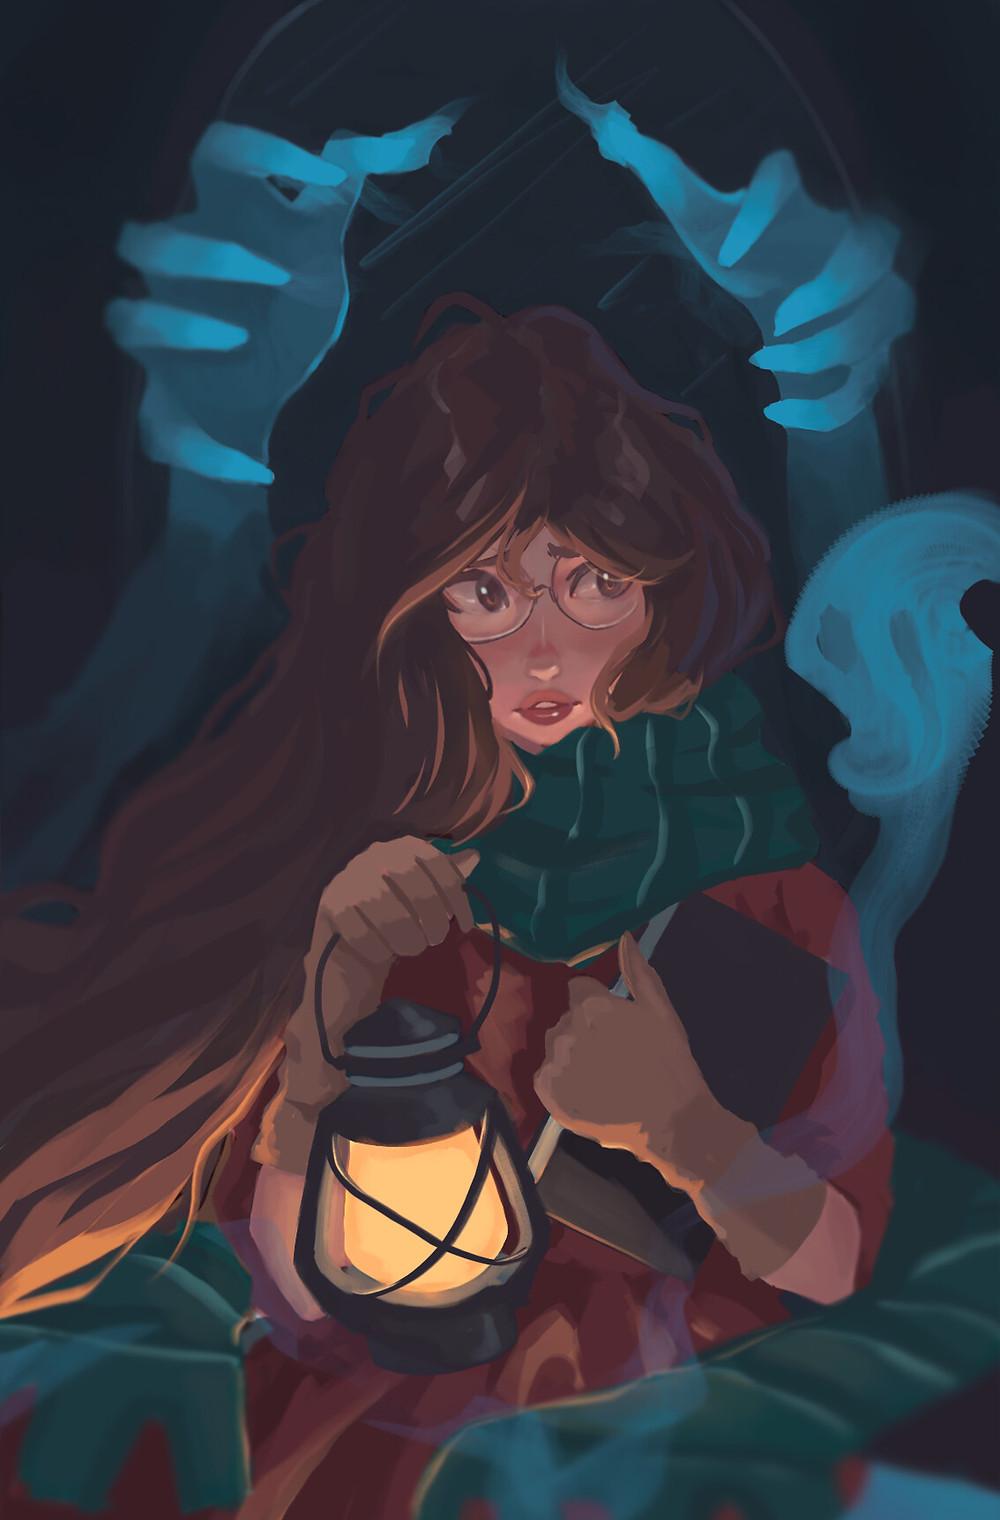 A imagem mostra a protagonista Ophélie, uma jovem de cabelos castanhos compridos, pele clara e óculos grandes segurando um lampião e um livro. Duas mãos azuis, de aparência fantasmagórica, se erguem por trás da jovem, saindo de um espelho.